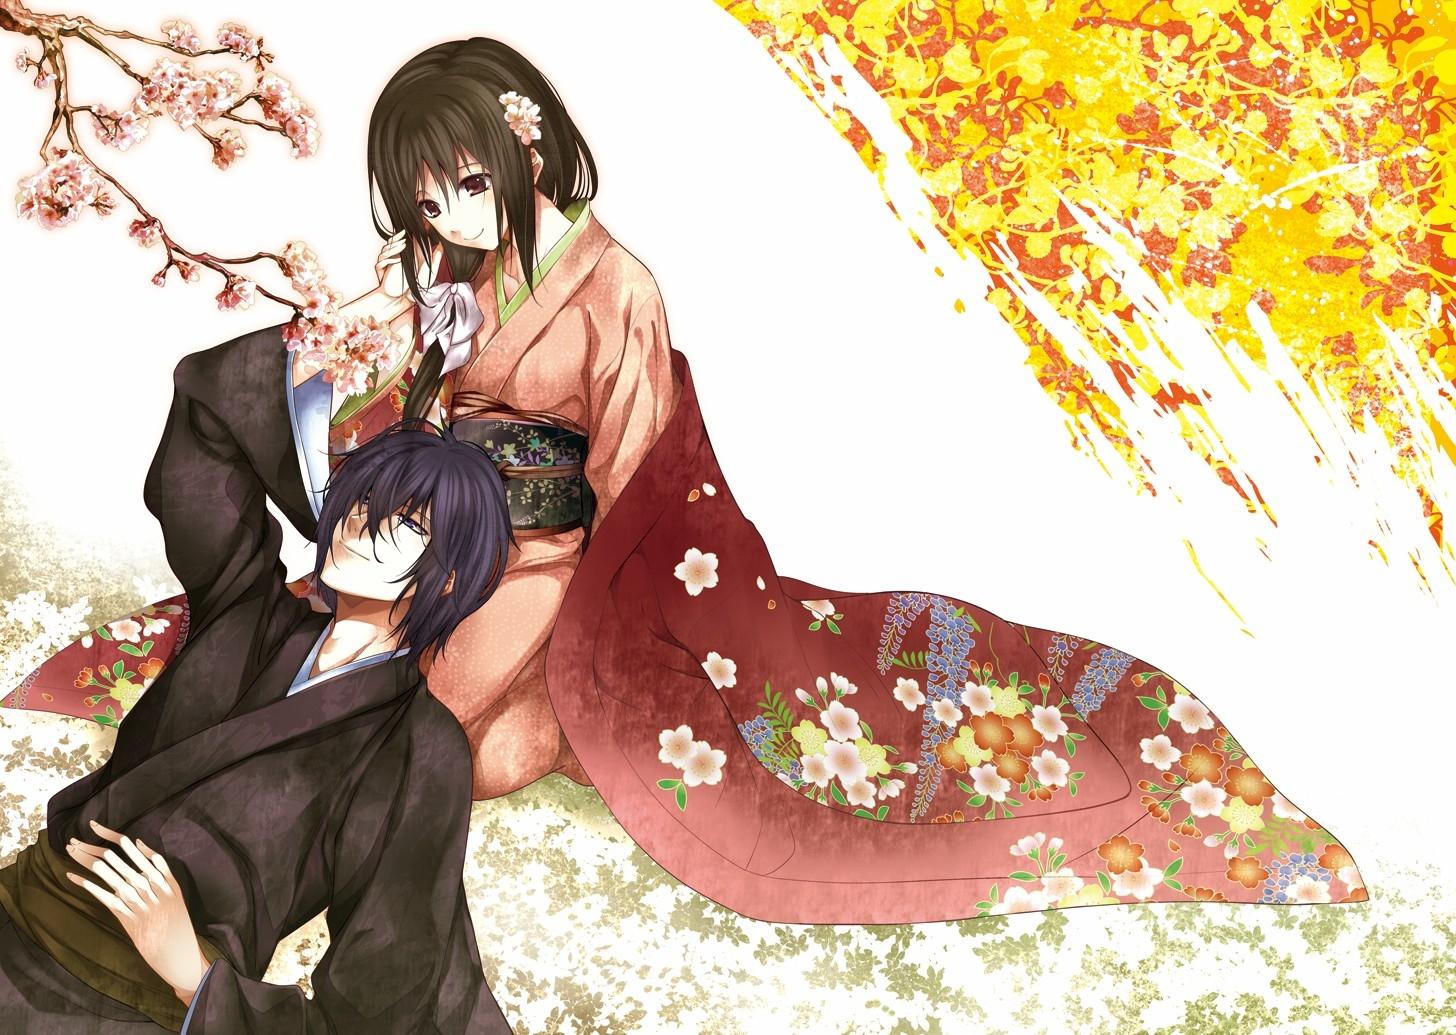 Guy Girl Tenderness Kimono Sakura